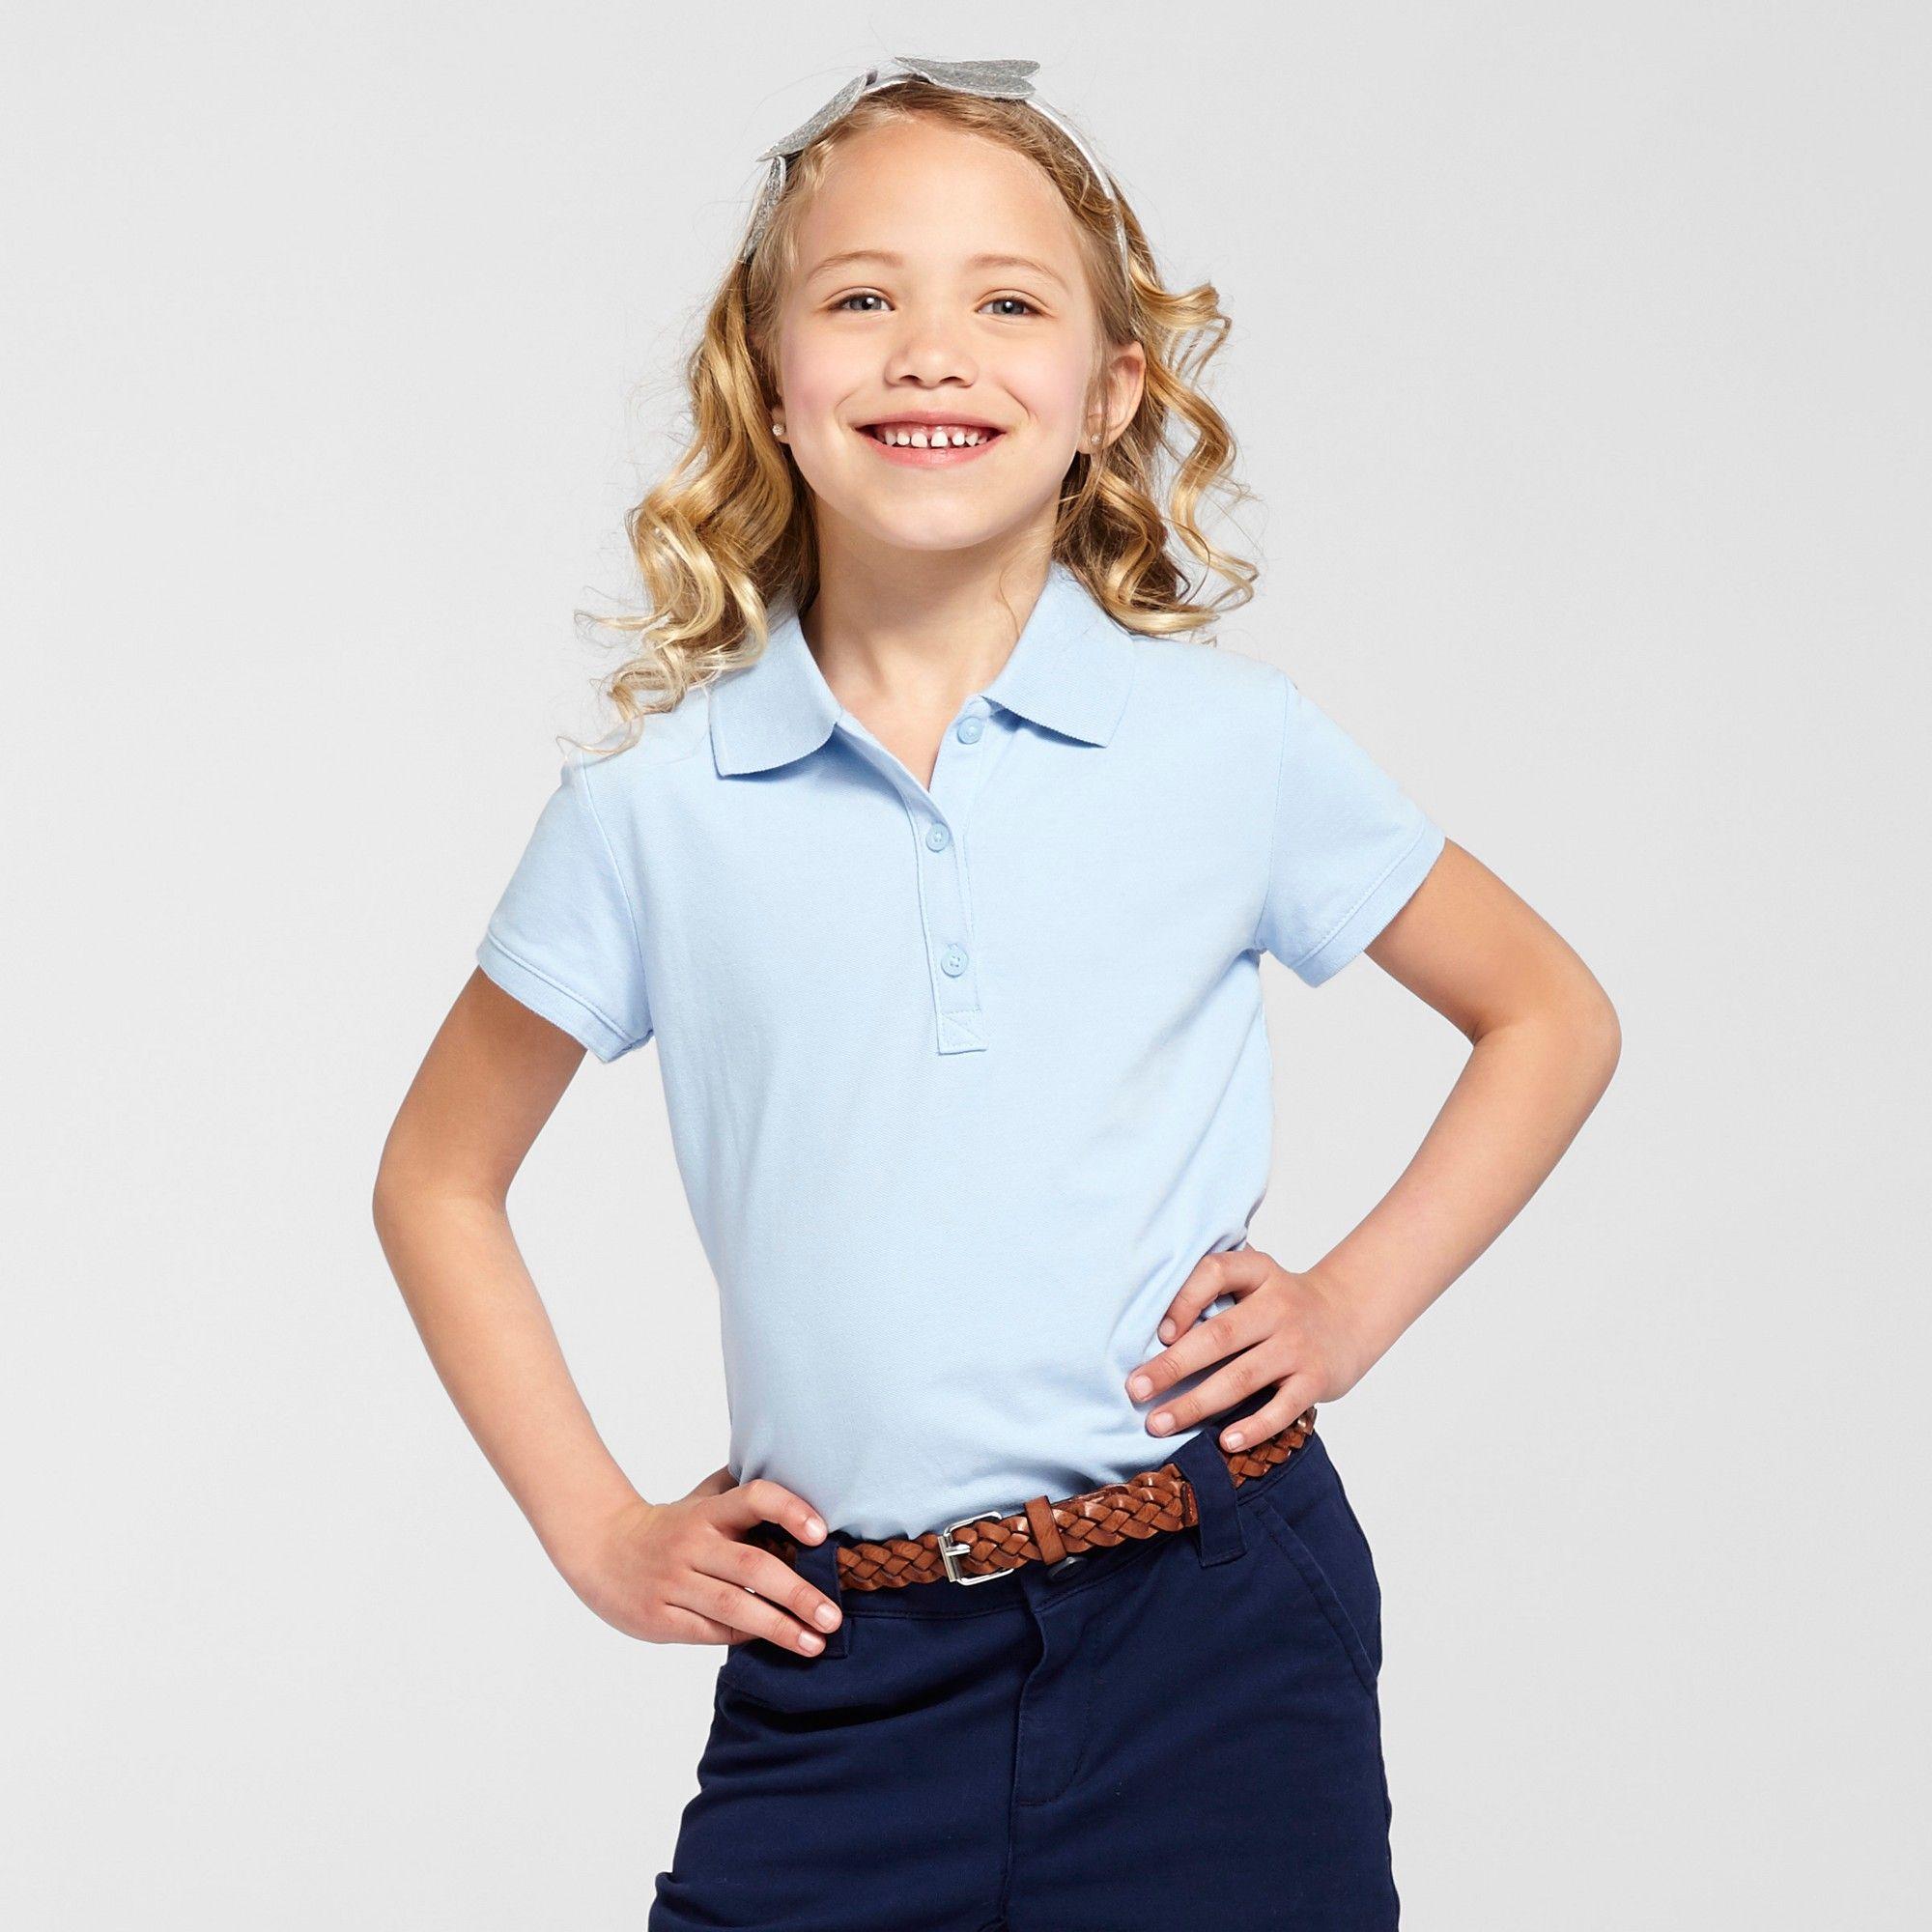 6a37b6311 Girls' Short Sleeve Pique Uniform Polo Shirt - Cat & Jack Light Blue ...